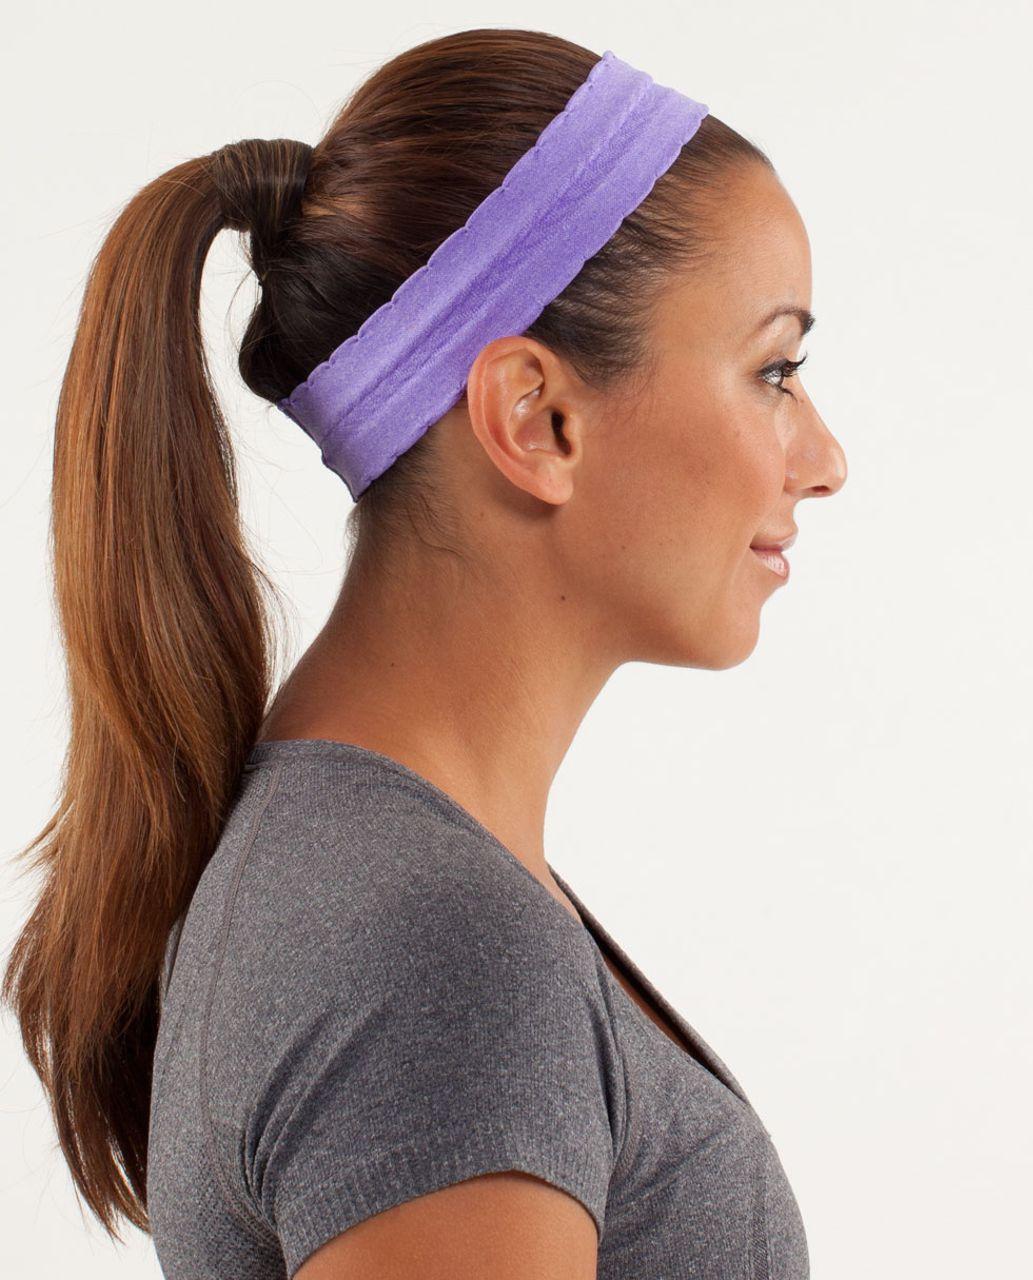 Lululemon Swiftly Headband *Special Edition - Power Purple